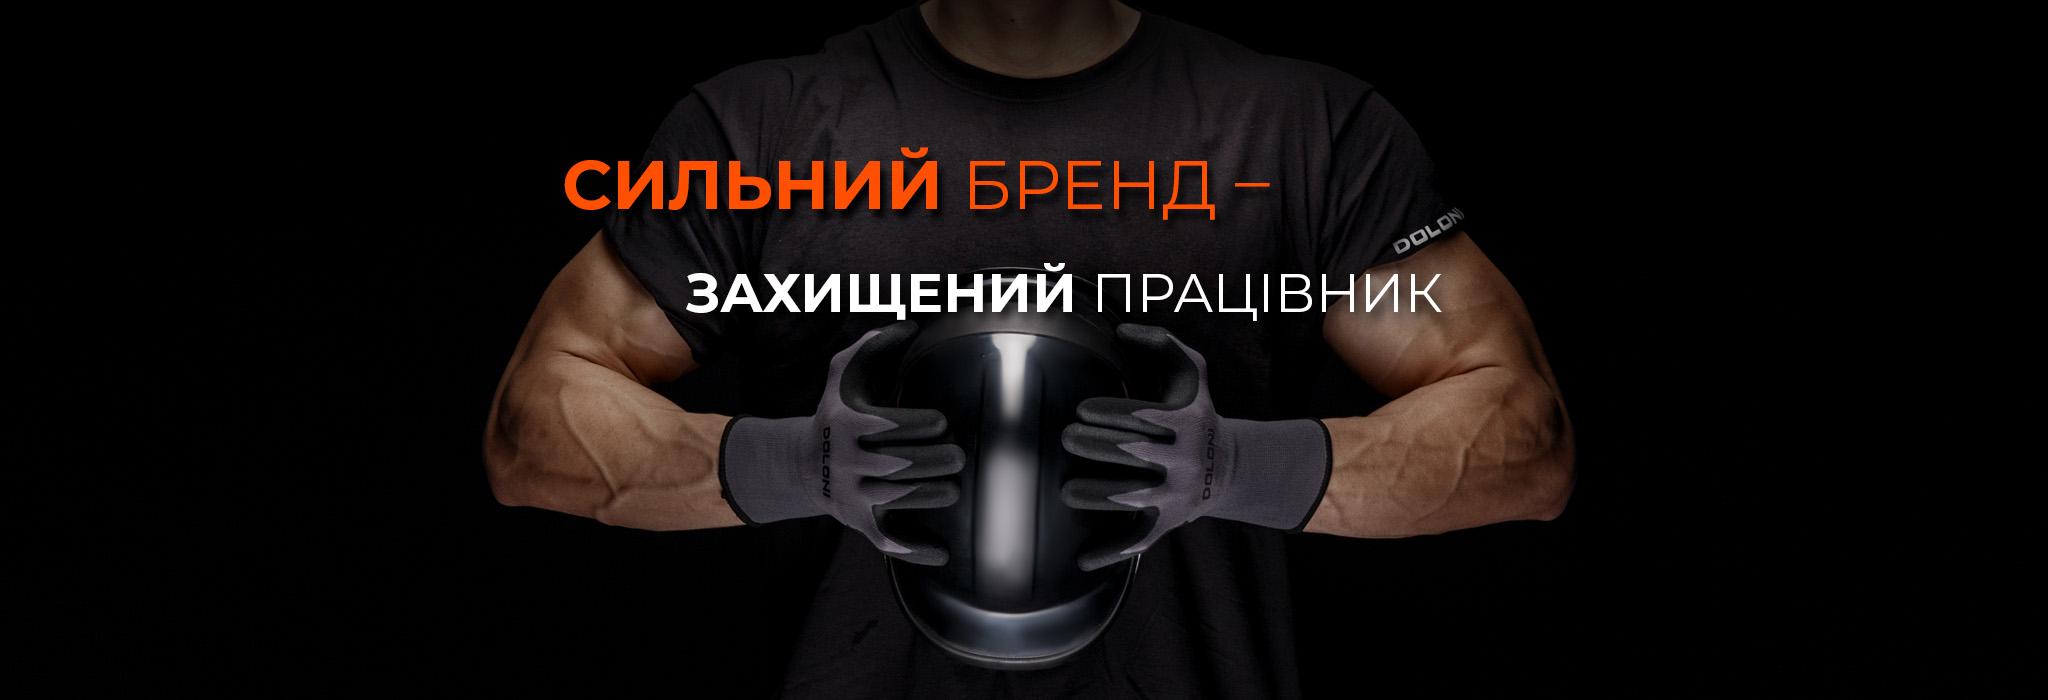 Стильный бренд - Защищенный работник